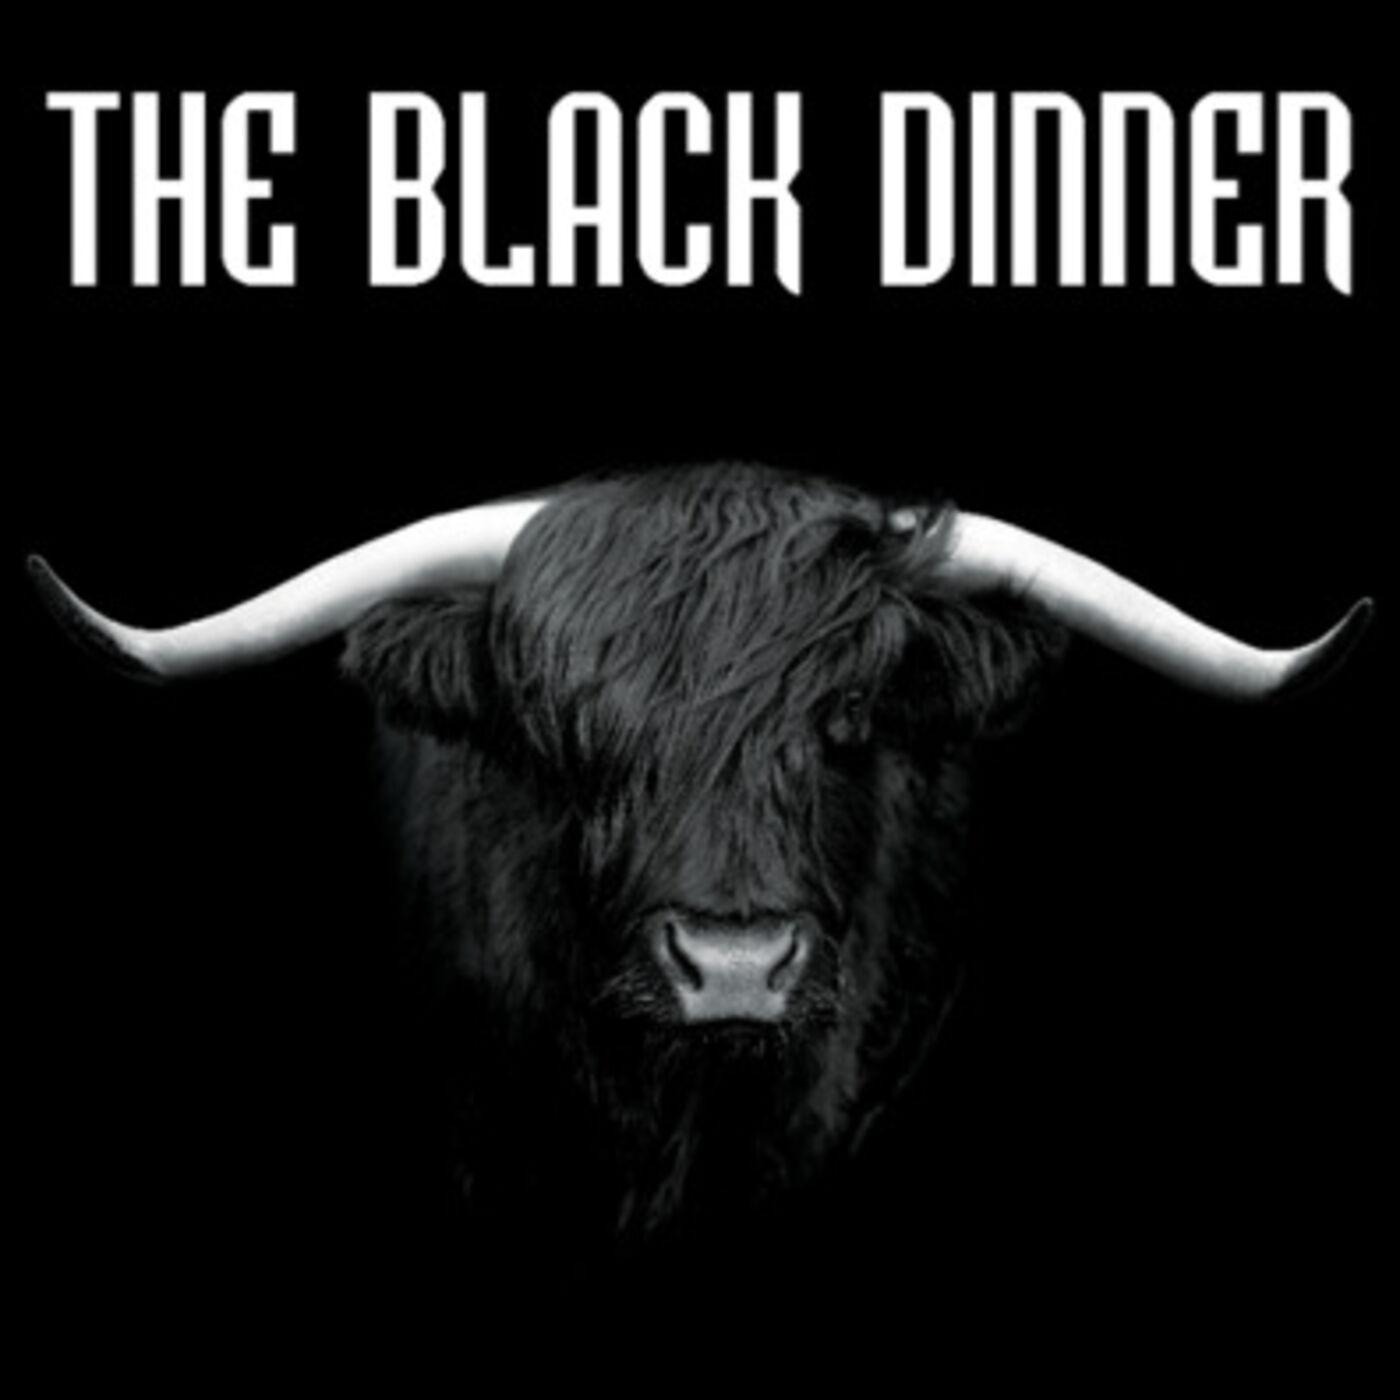 The Black Dinner